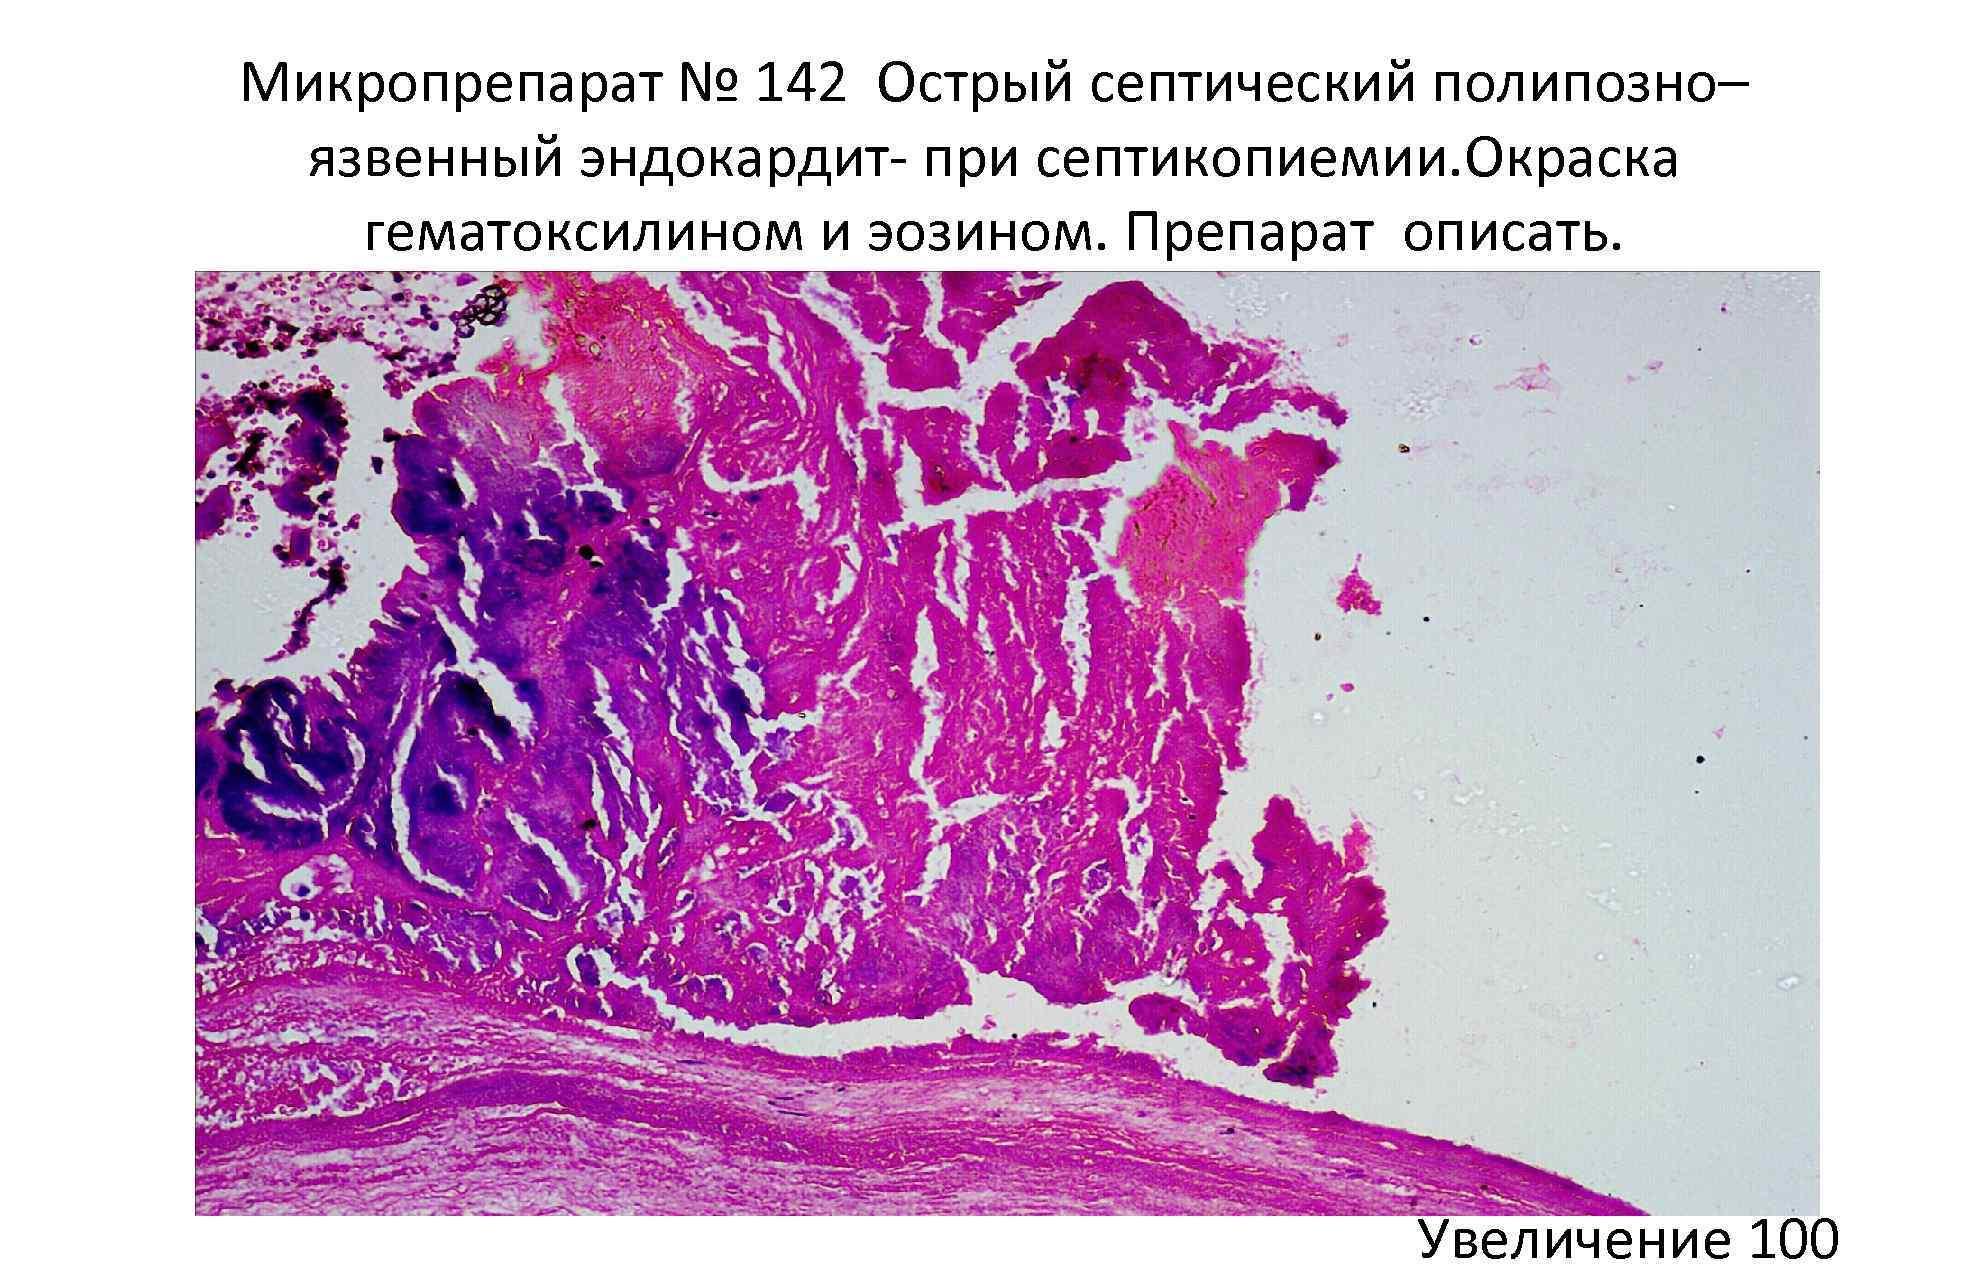 Микропрепарат № 142 Острый септический полипозно– язвенный эндокардит- при септикопиемии. Окраска гематоксилином и эозином.